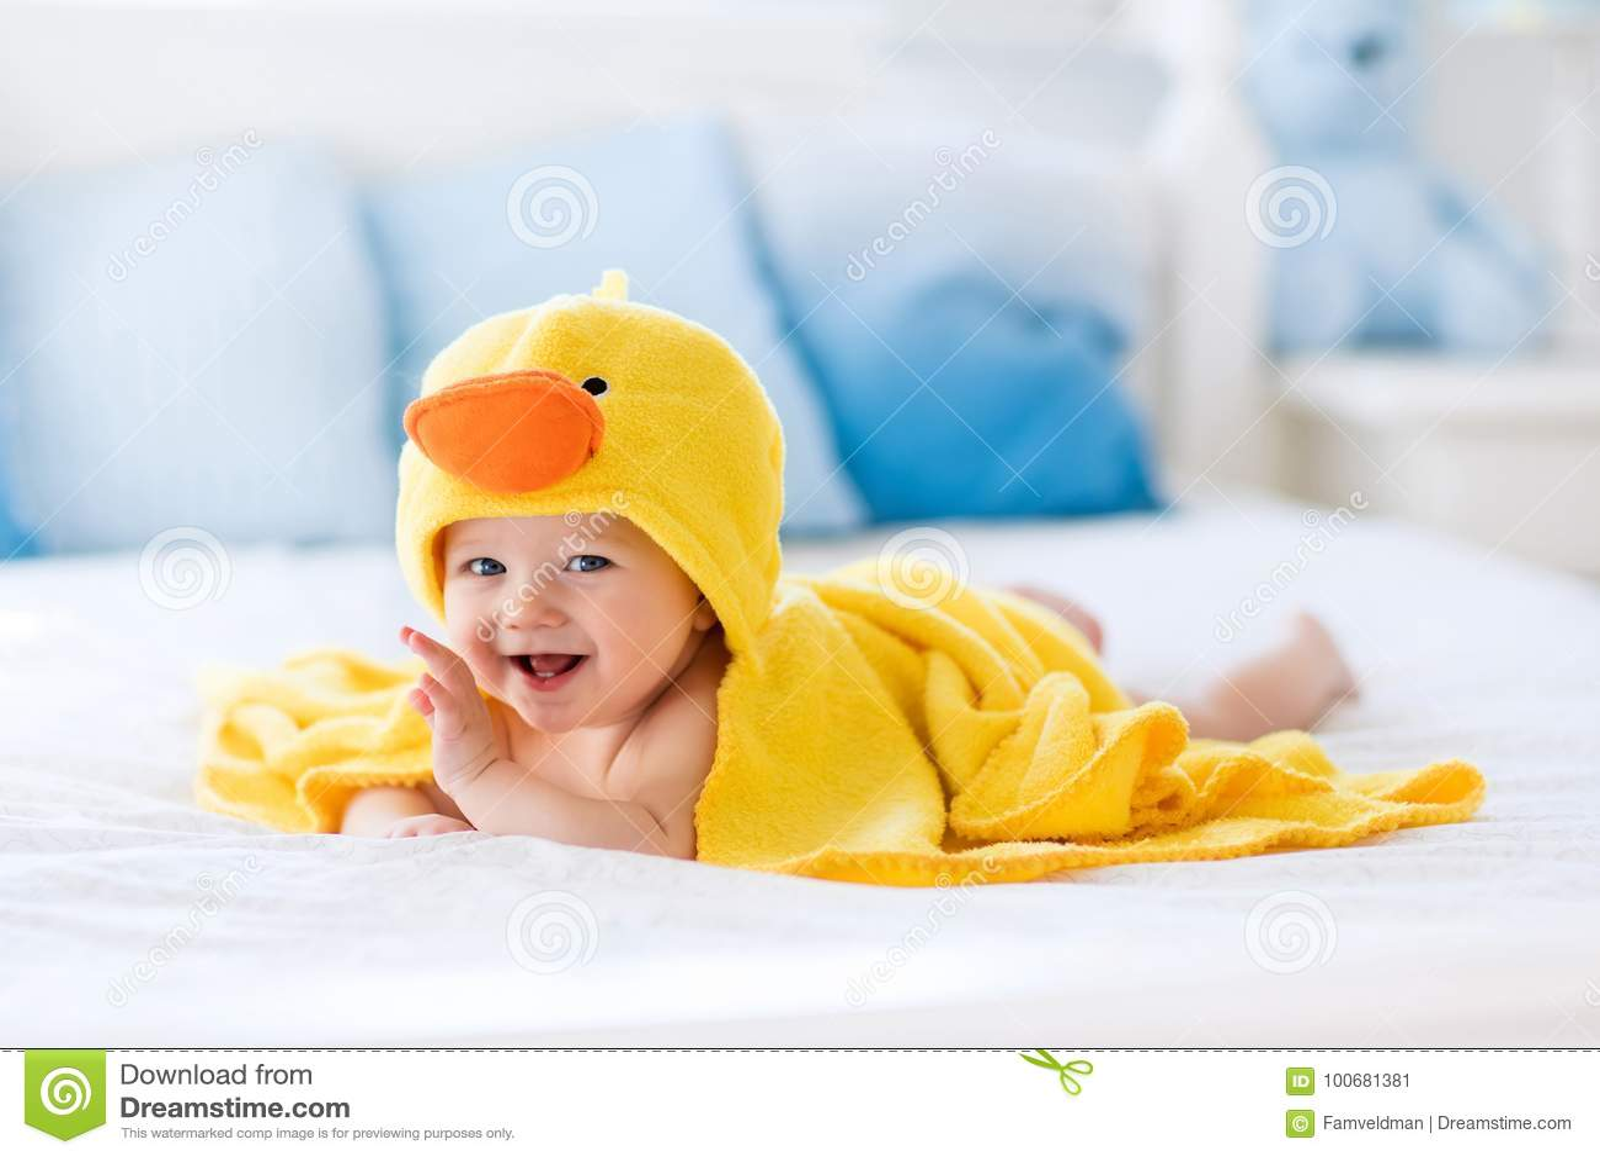 Leuke baby na bad in gele eendhanddoek